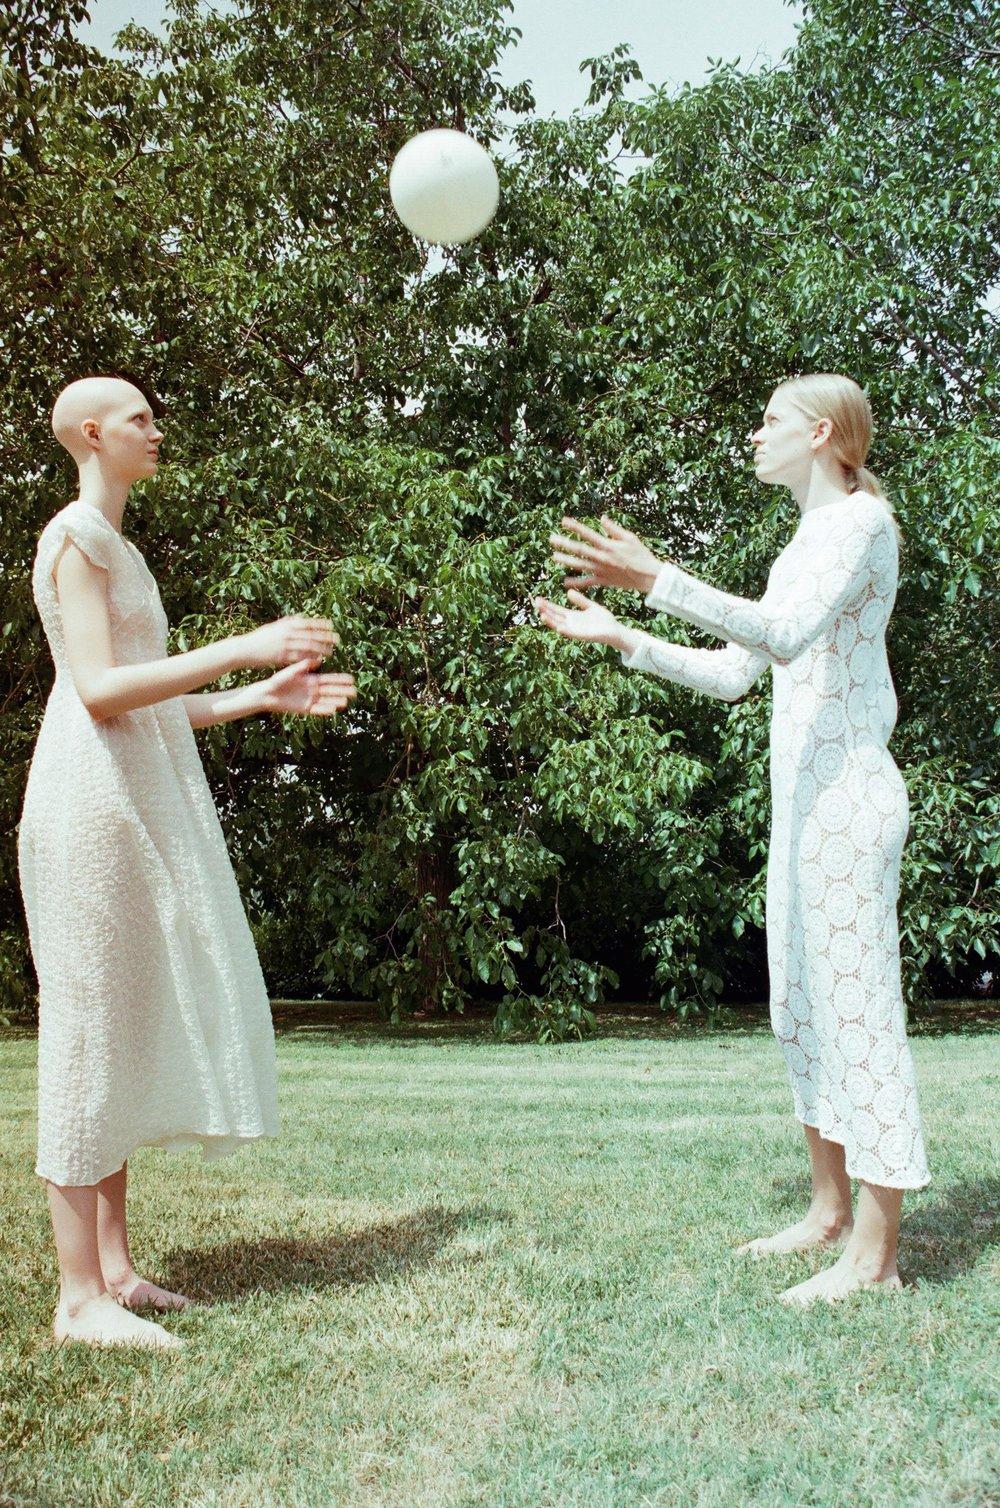 ANA WEARS DRESS DANIELA DEL CIMA, LAURA WEARS DRESS PHILOSOPHY